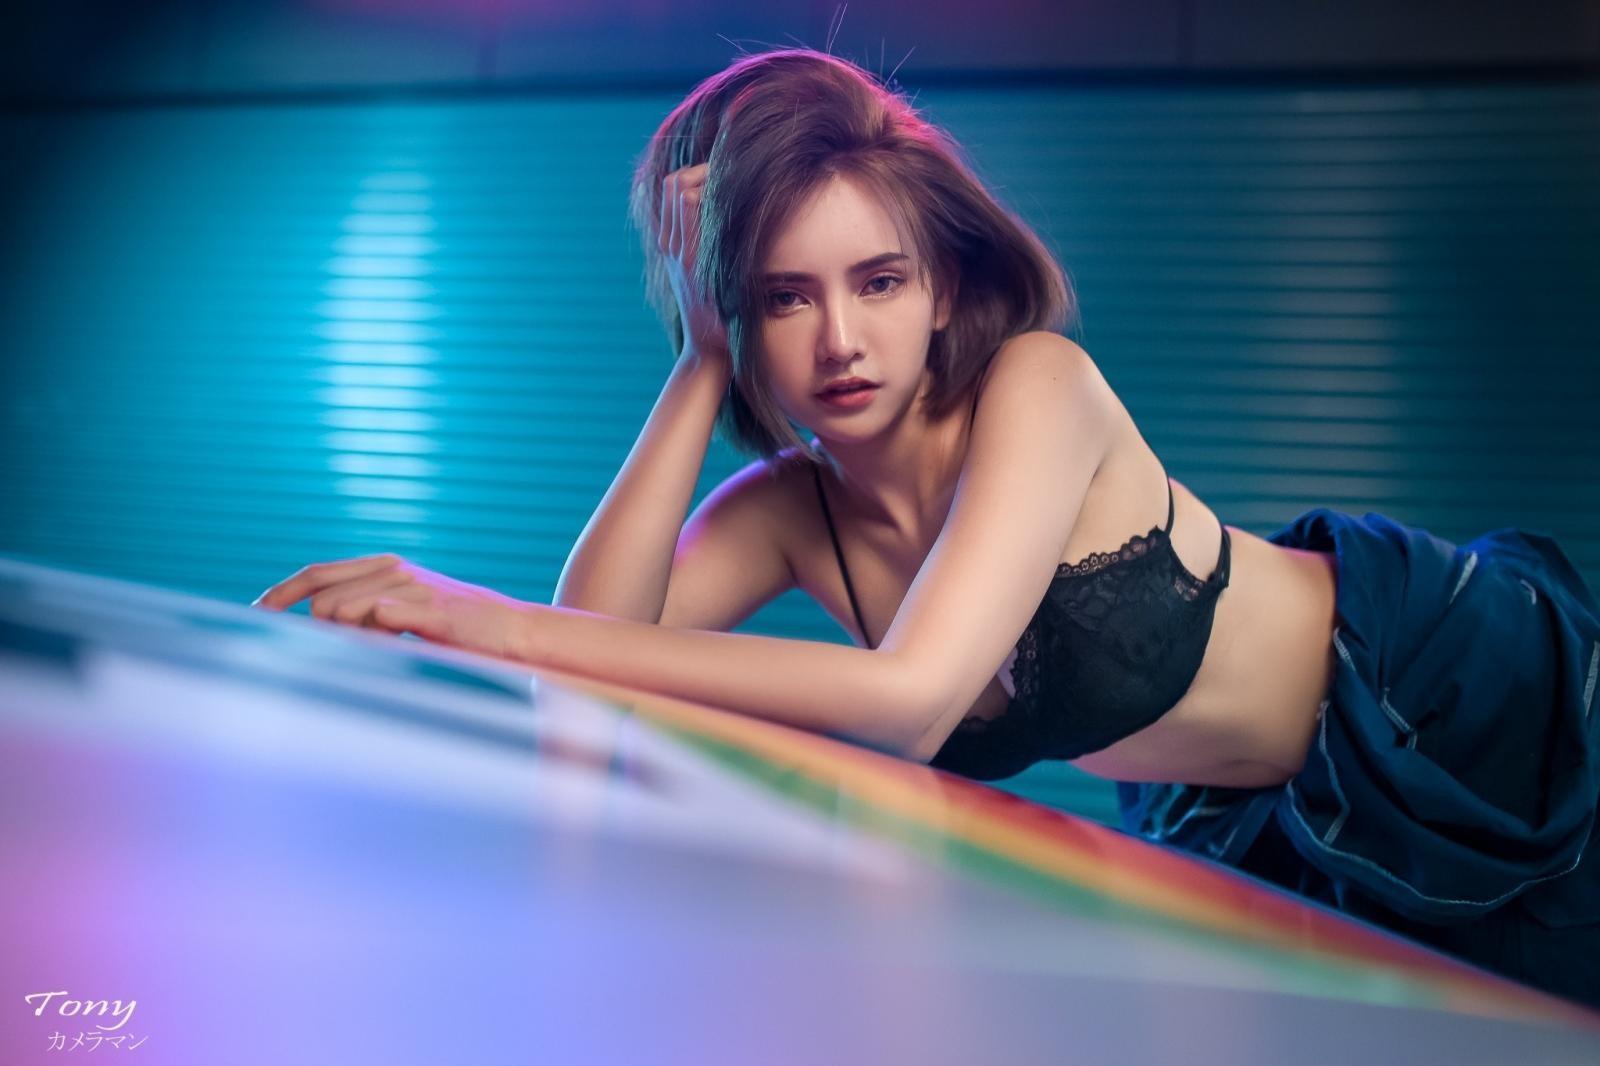 Chết mê trước vẻ đẹp không tì vết của người mẫu Thái Lan Sutasinee Siriruke - 3